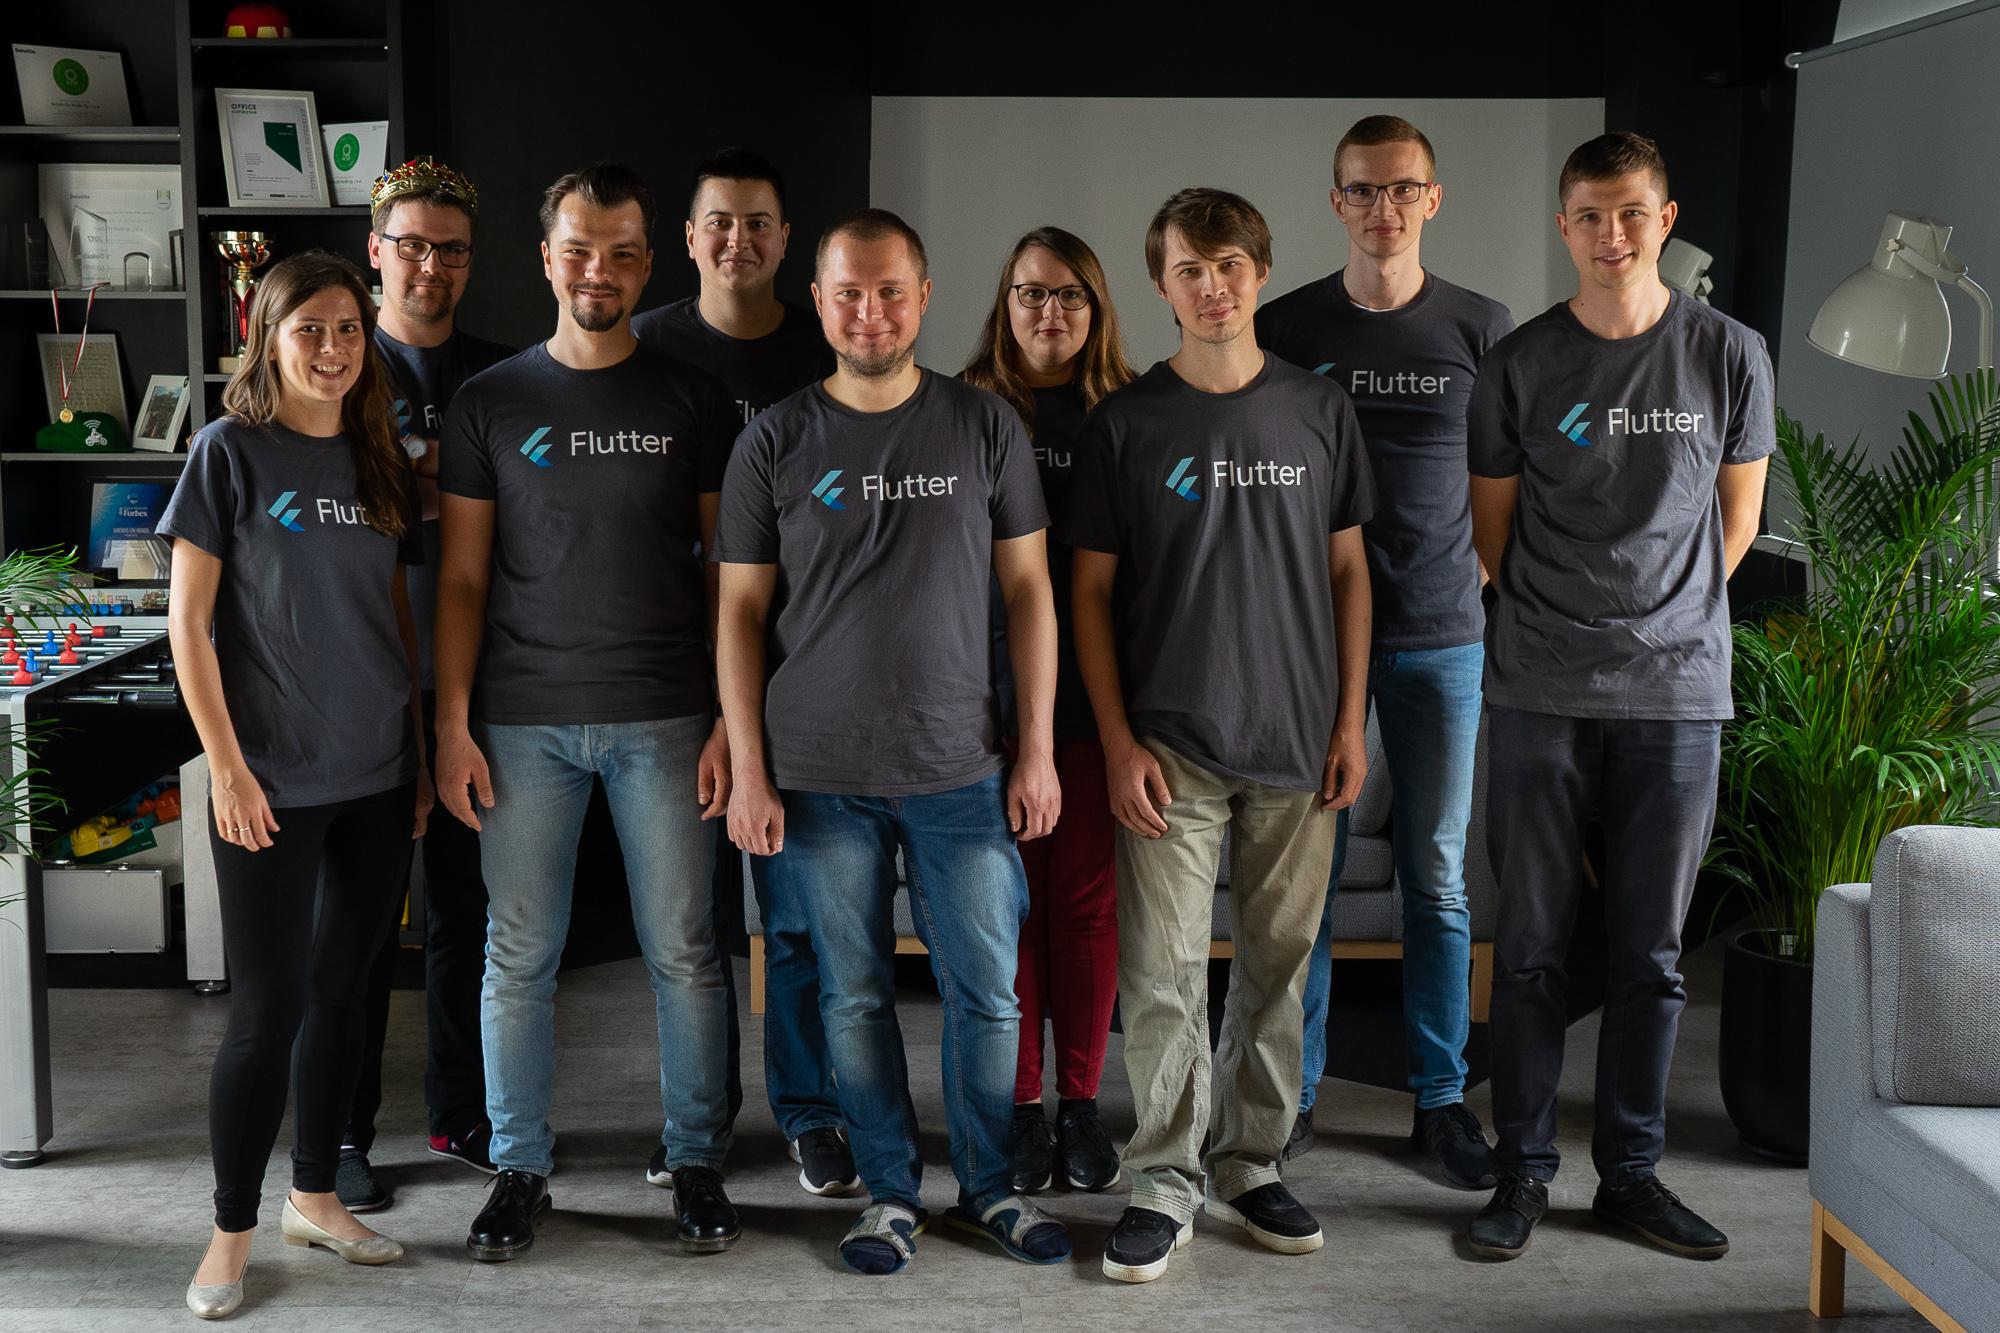 flutter team